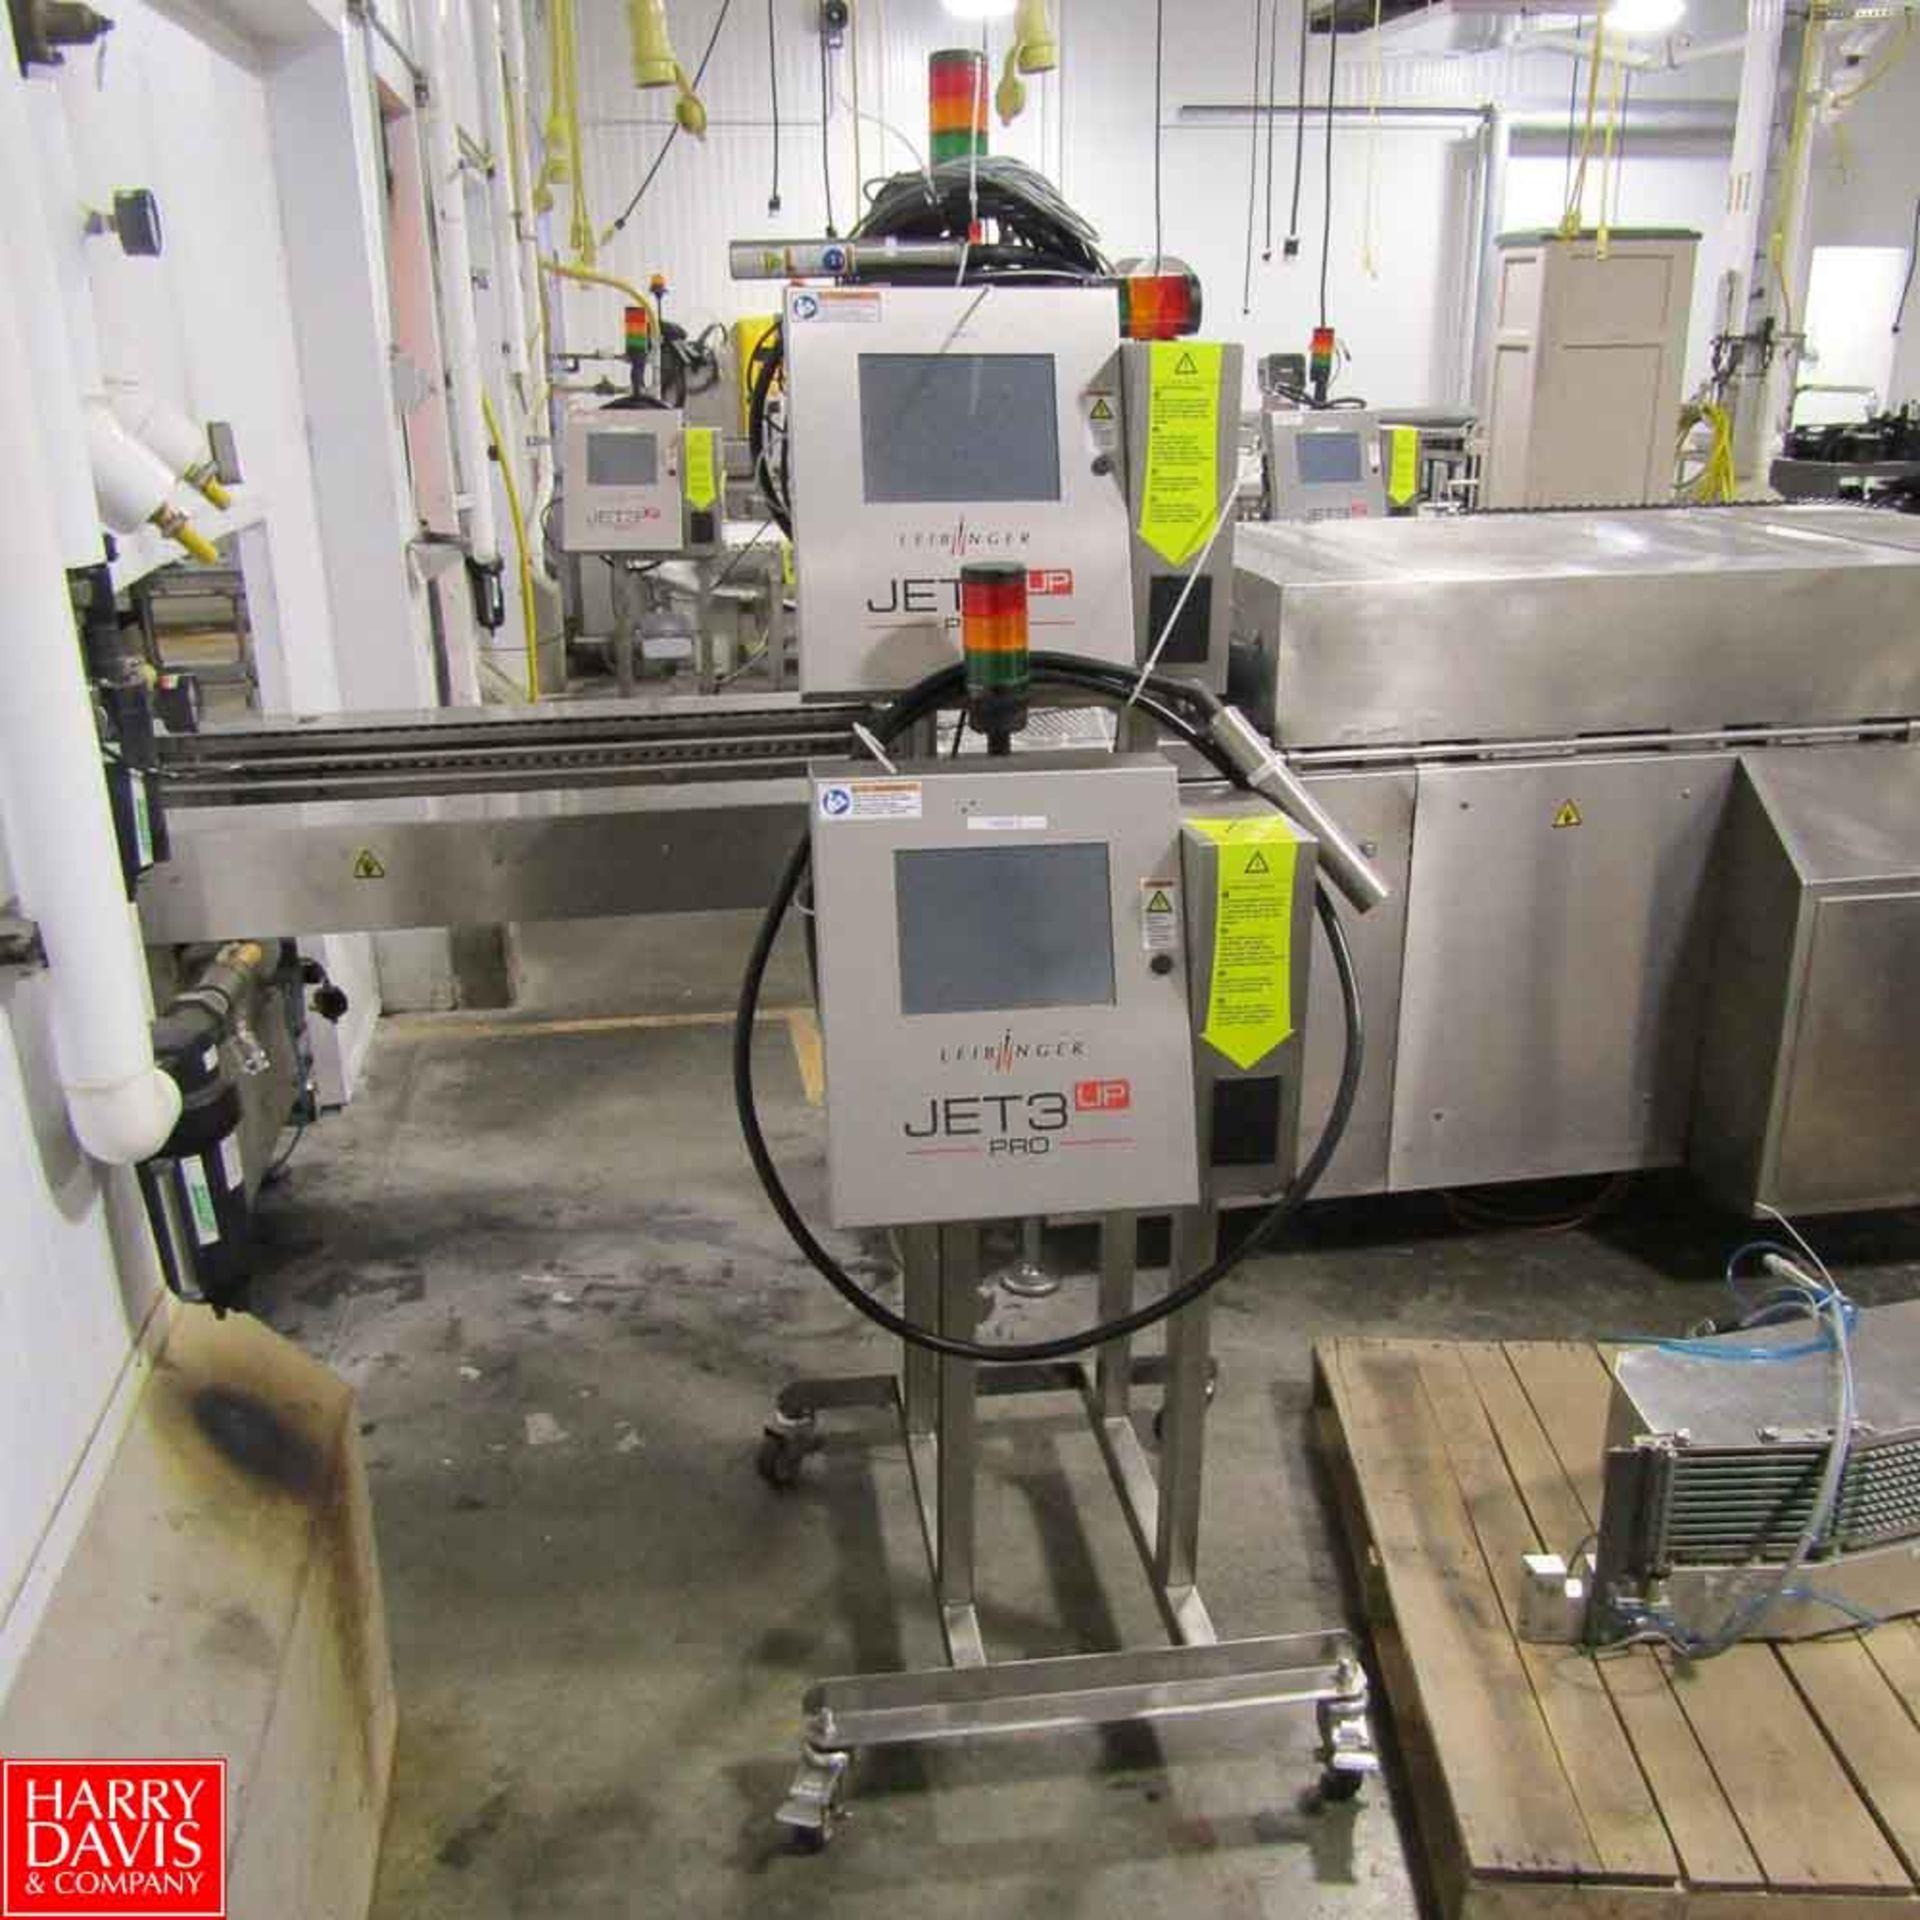 Lot 29 - Leibinger Inkjet Printer Model JET 3 UP PRO Rigging Fee: 250